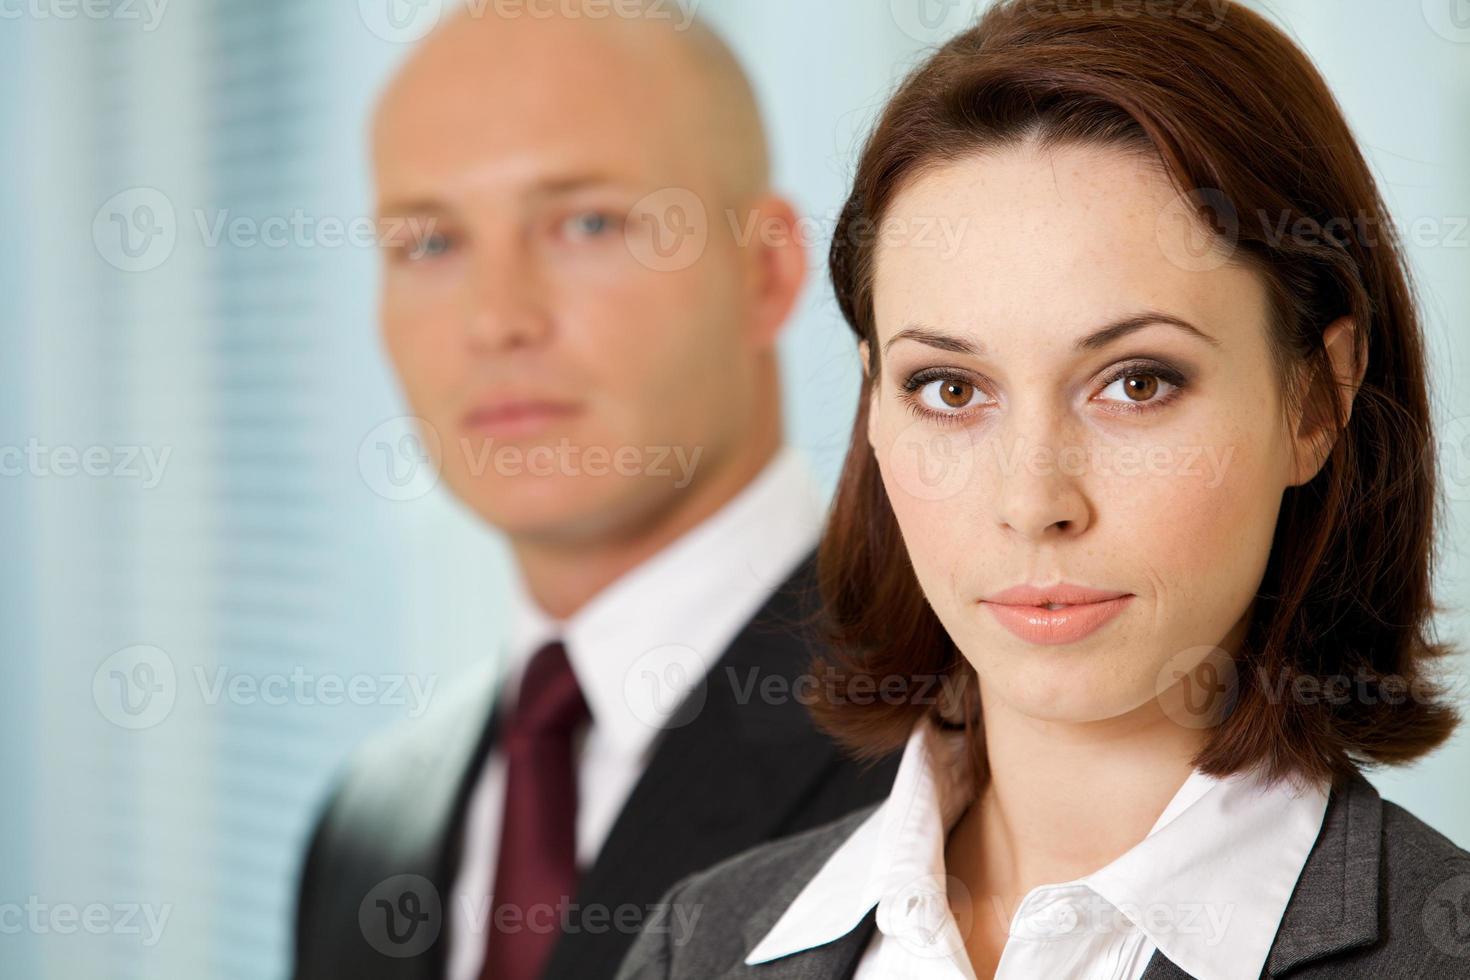 porträtt av den unga kaukasiska affärsmannen och affärskvinnan in off foto